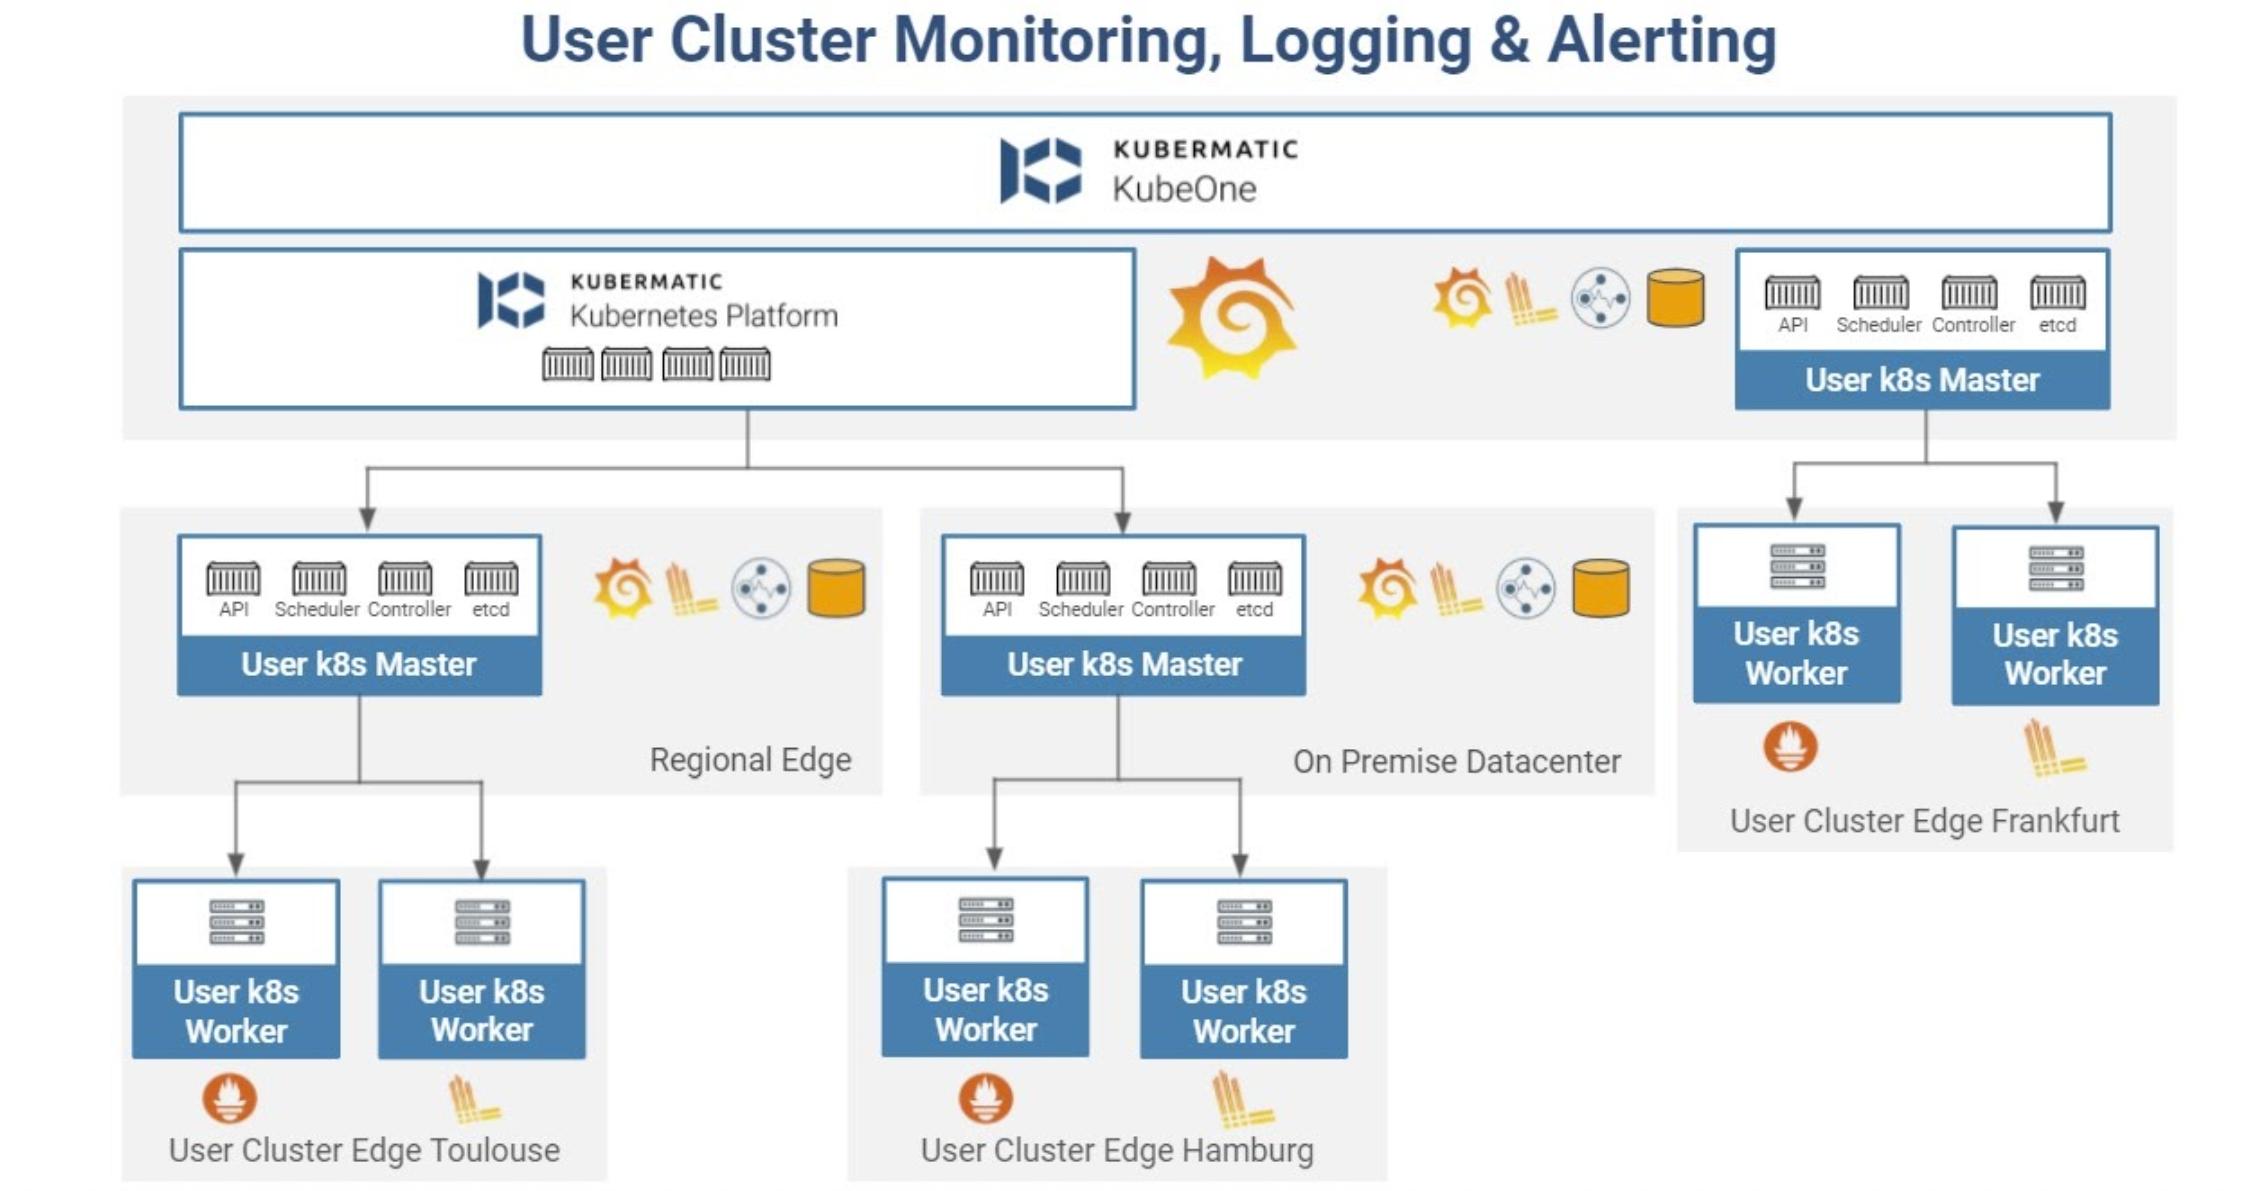 KKP Defaults for User Cluster Settings